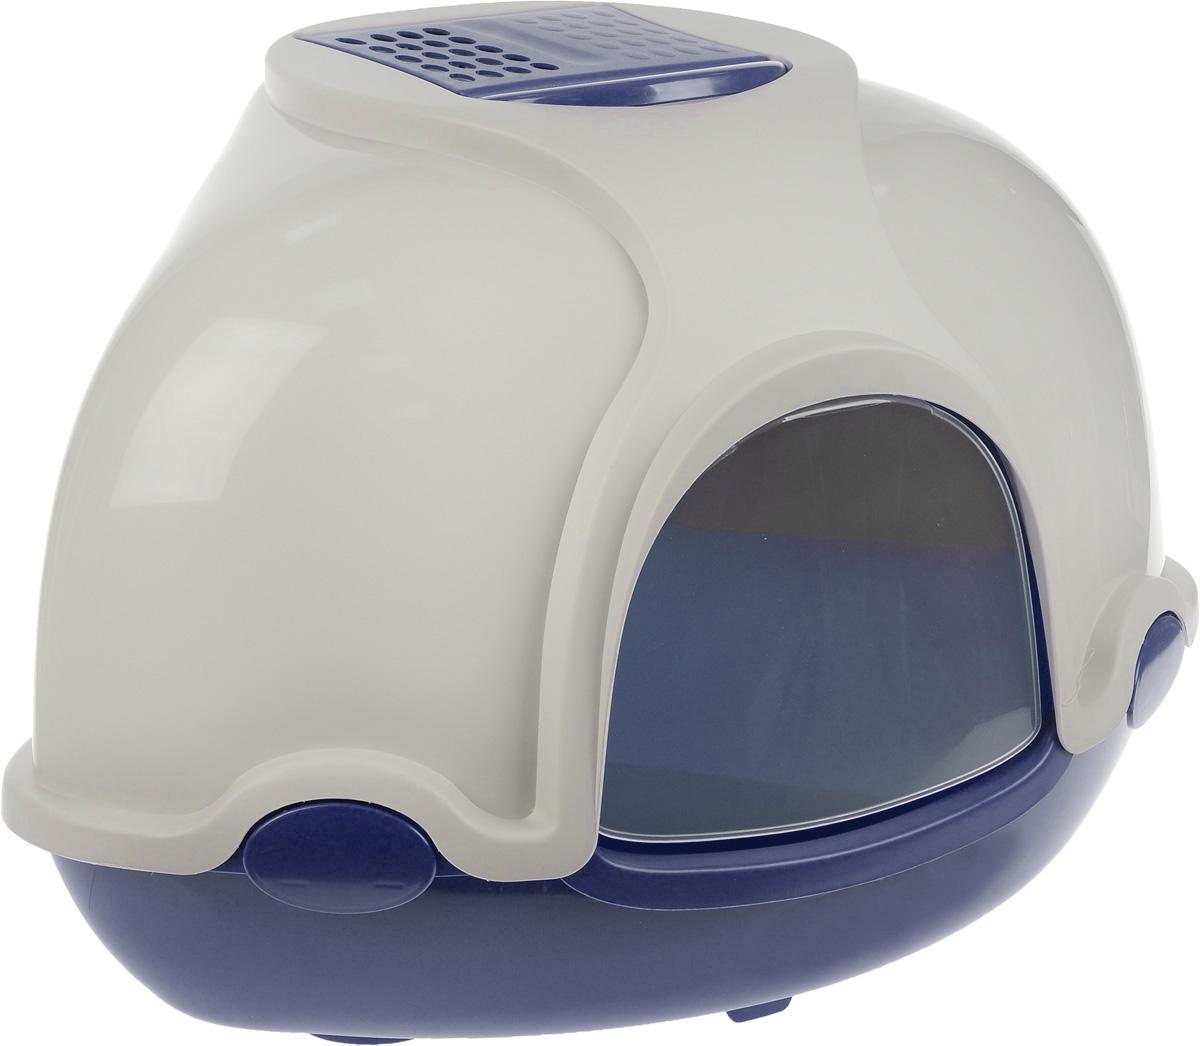 Туалет для кошек IMAC Ginger, закрытый, угловой, цвет: светло-серый, синий, 50 х 50 х 44,5 см84394Закрытый угловой туалет для кошек IMAC Ginger выполнен из высококачественного пластика. Он довольно вместительный и напоминает домик. Туалет оснащен прозрачной открывающейся дверцей, сменным угольным фильтром, совком и удобной ручкой для переноски. Такой туалет избавит ваш дом от неприятного запаха и разбросанных повсюду частичек наполнителя. Кошка в таком туалете будет чувствовать себя увереннее, ведь в этом укромном уголке ее никто не увидит. Кроме того, яркий дизайн с легкостью впишется в интерьер вашего дома. Туалет легко открывается для чистки благодаря практичным защелкам по бокам.